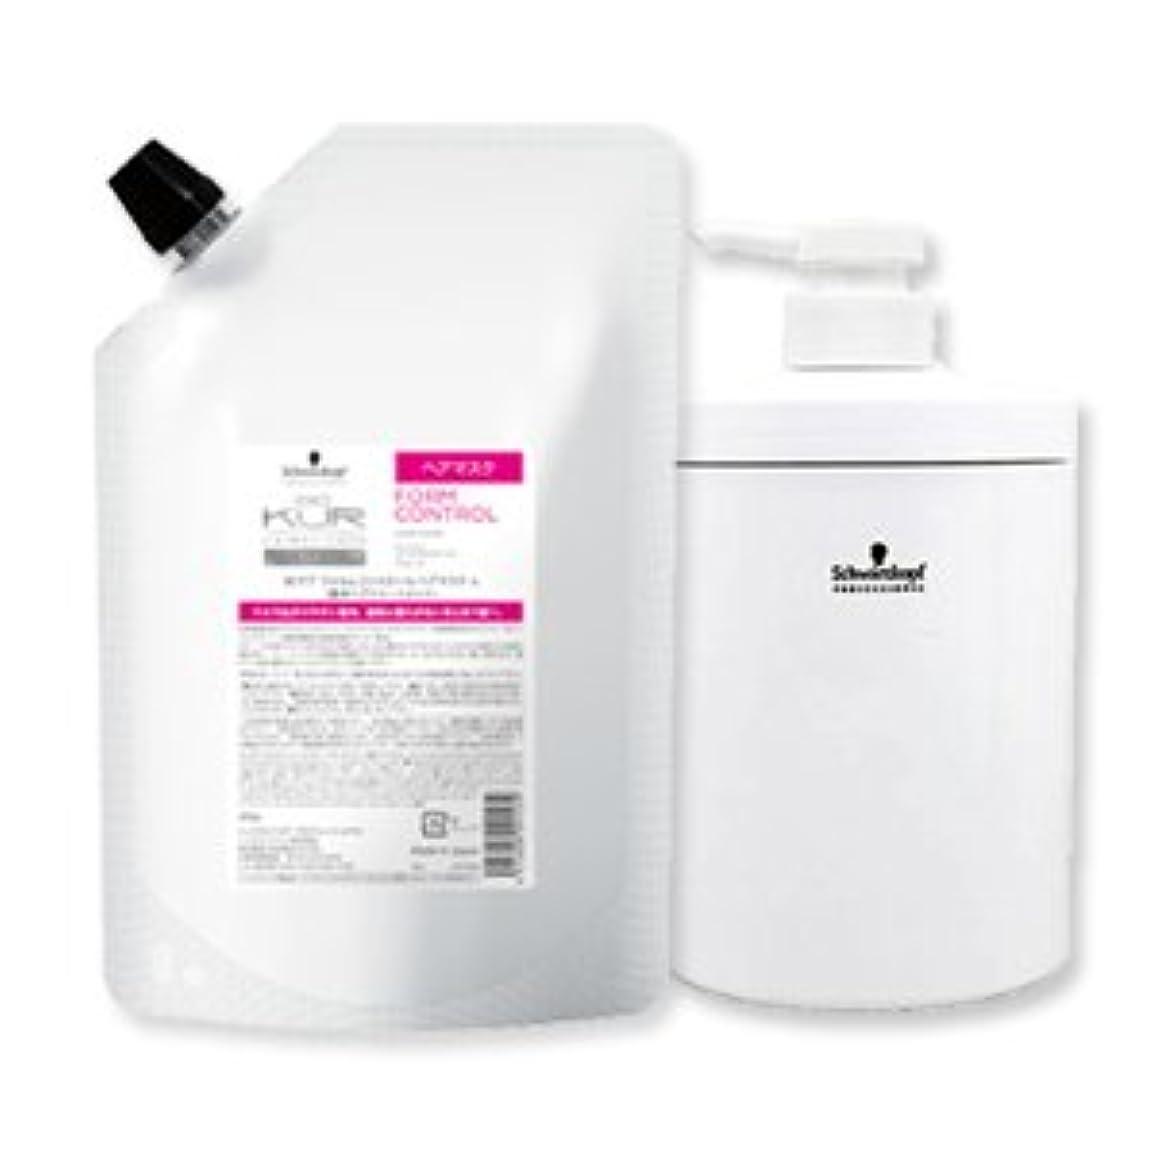 有毒な和らげる幹シュワルツコフ BCクア フォルムコントロール ヘアマスク 500g 詰め替え + エアレスポンプボトル(空容器) セット